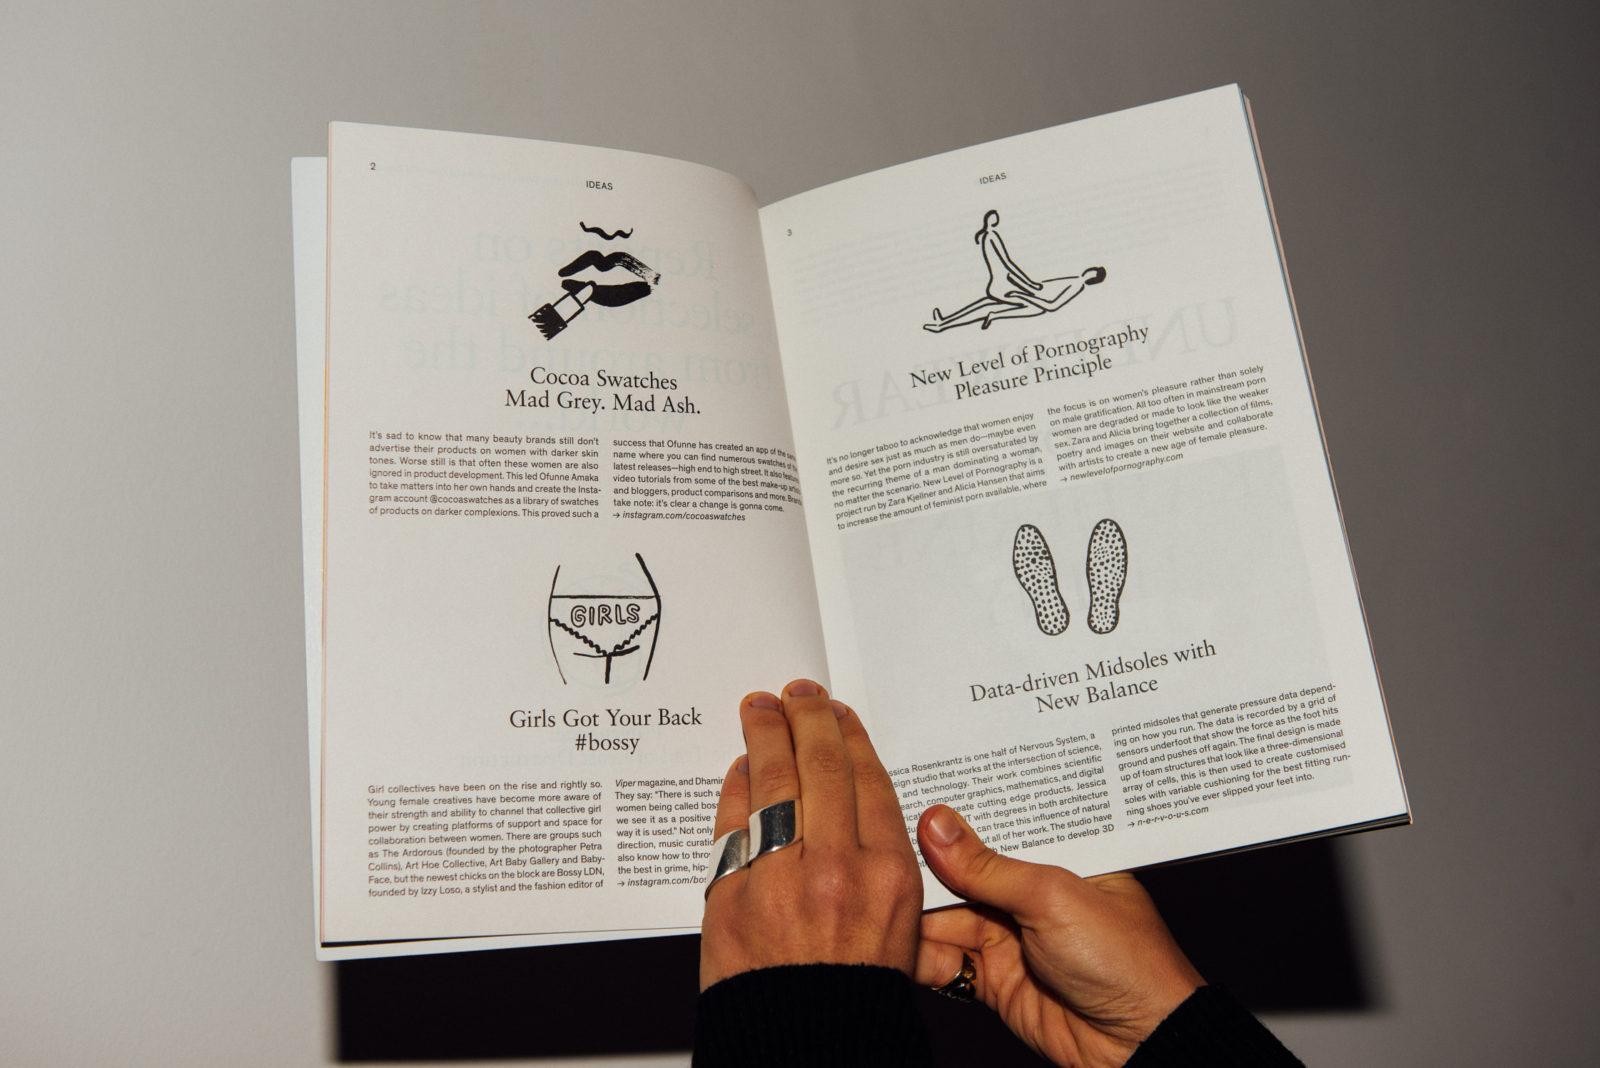 Freunde-von-Freunden-Riposte-Magazine-9623-1600x1068.jpg